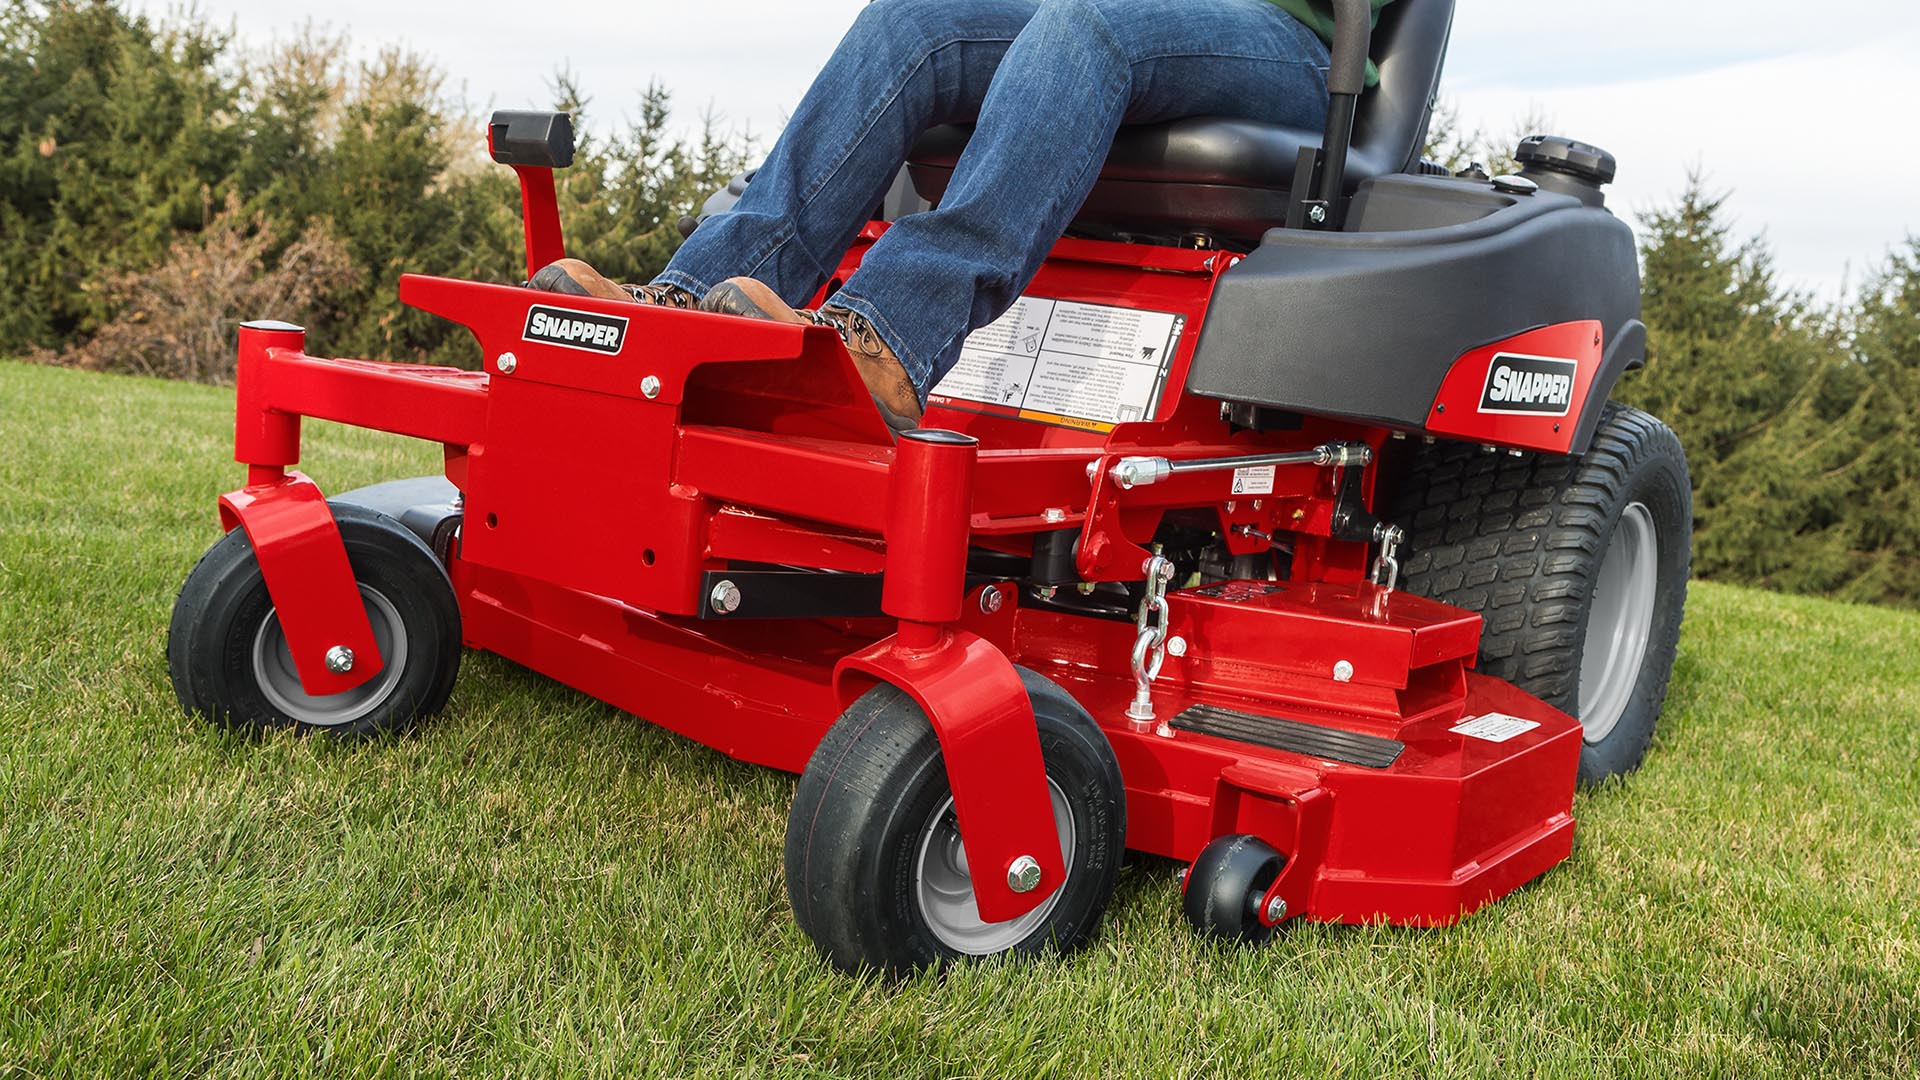 460Z Zero Turn Mower